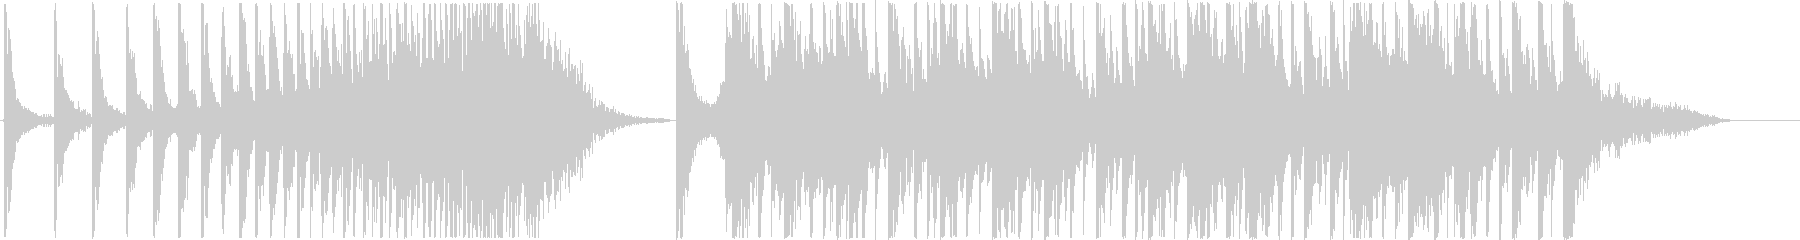 和太鼓を使用した緊迫感のあるBGMです。の未再生の波形